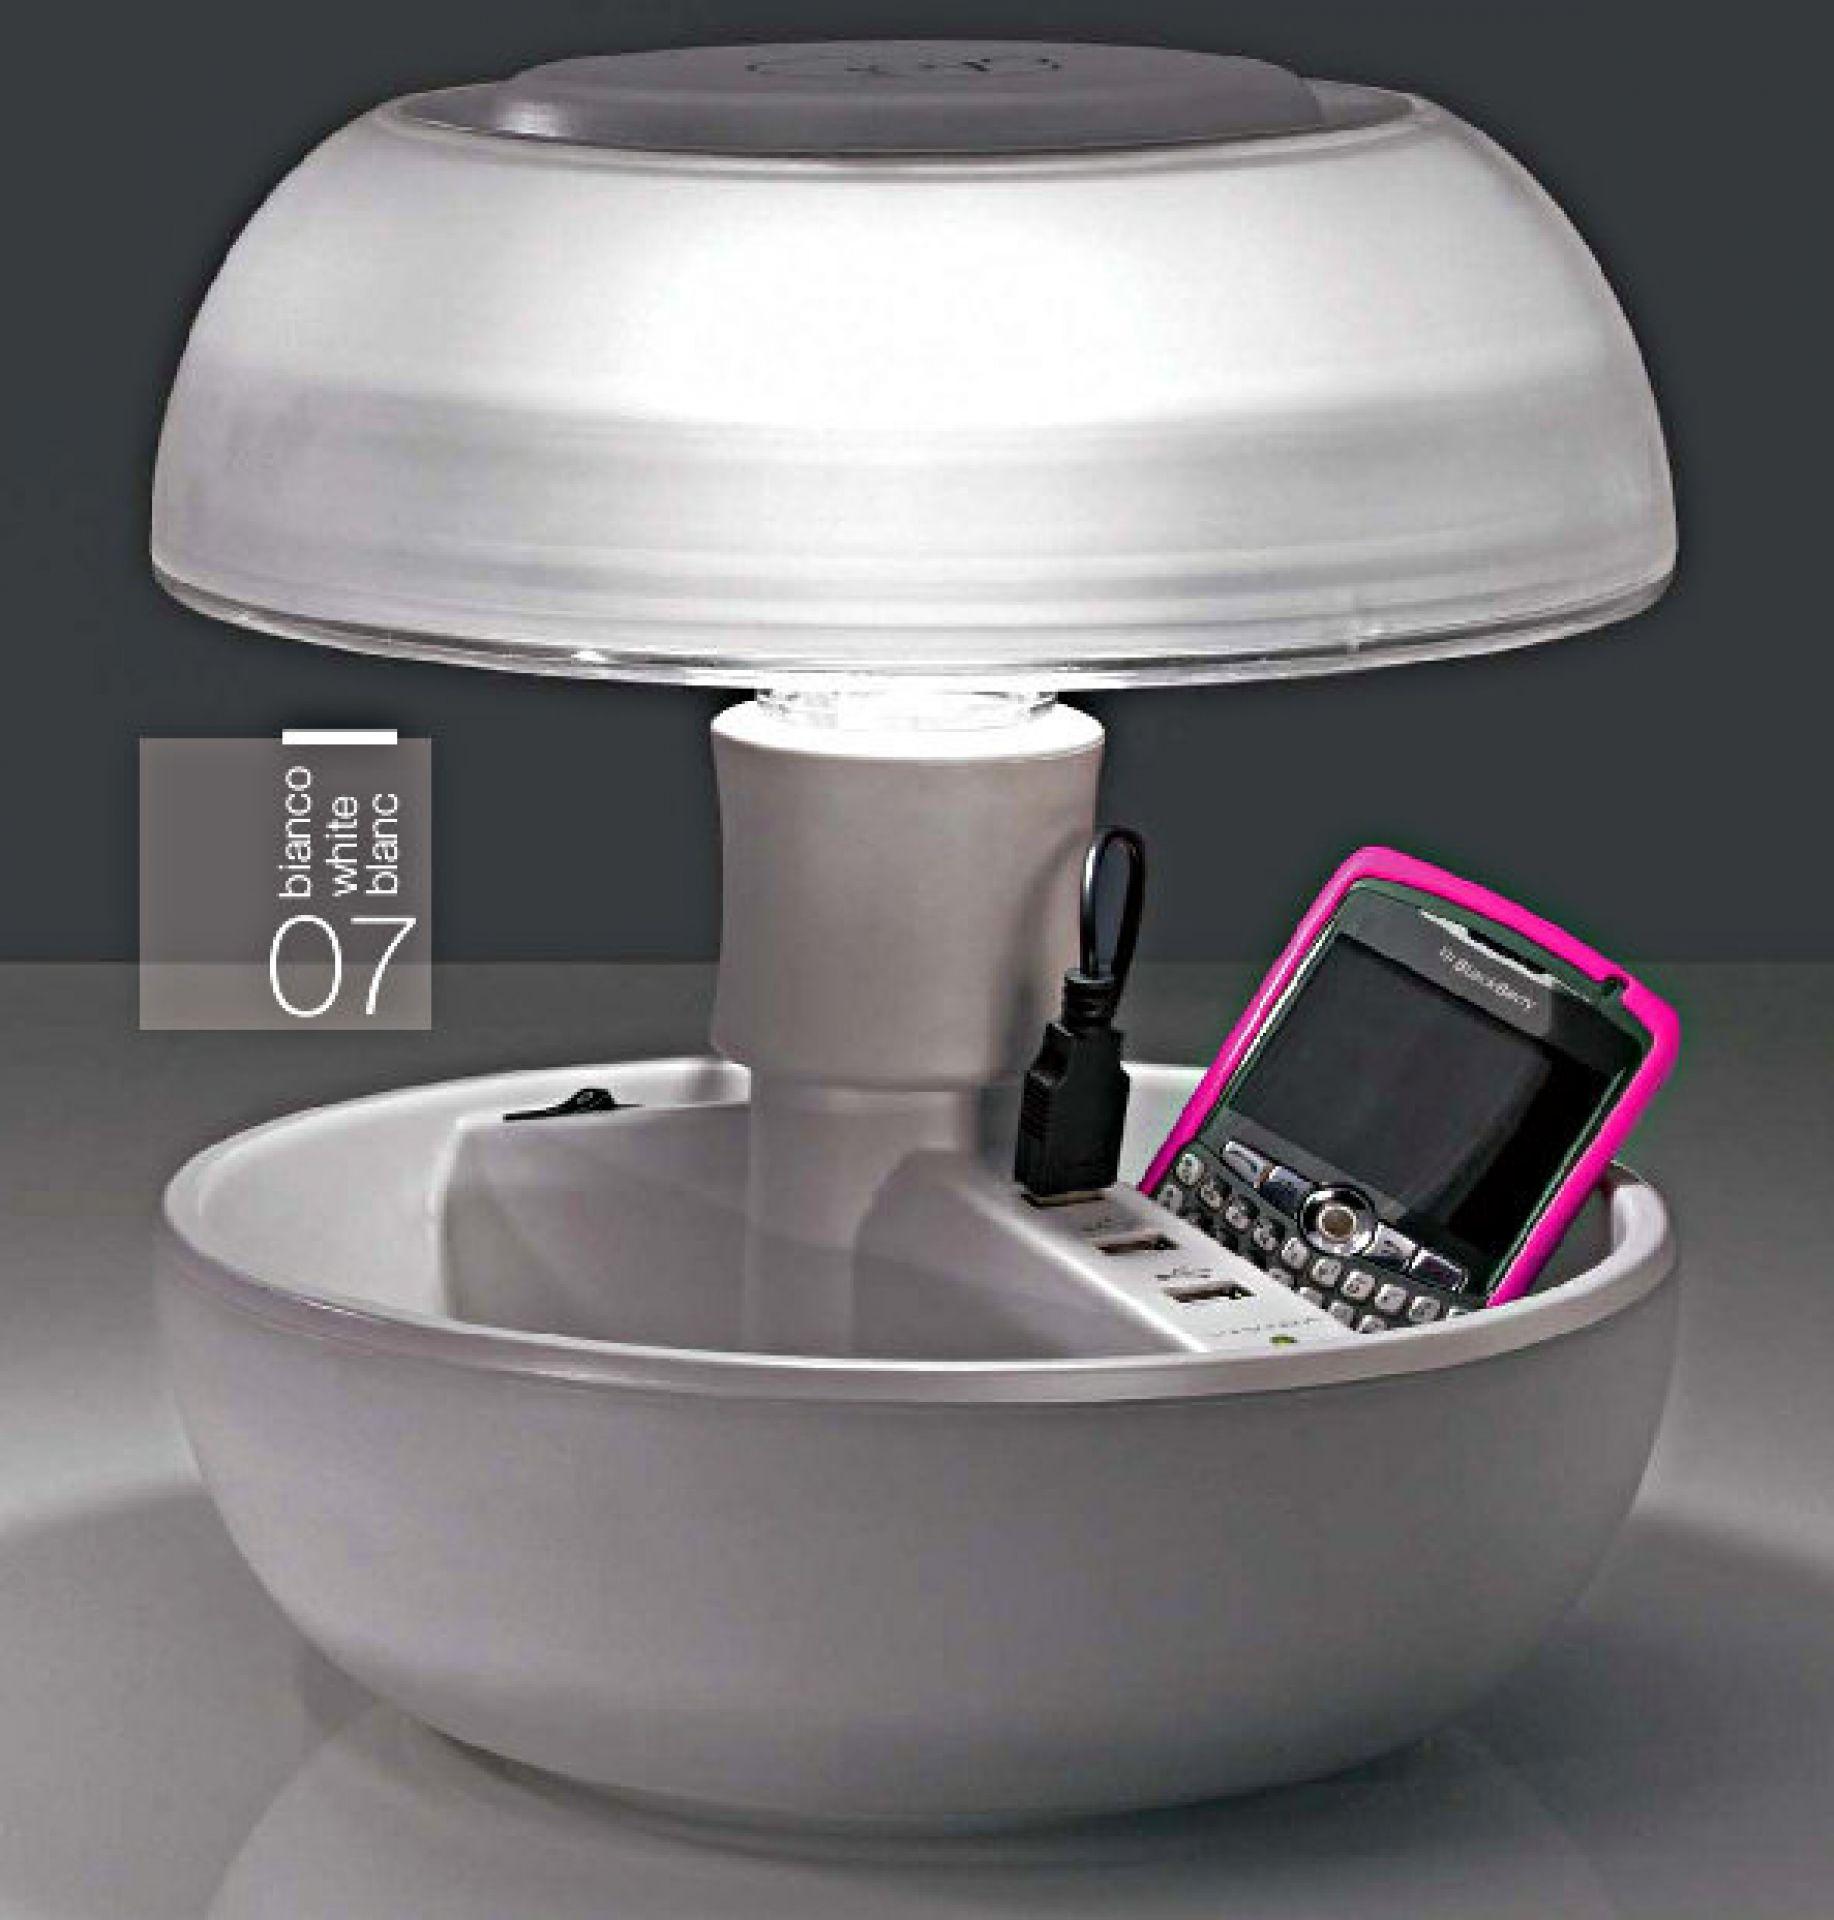 Joyo transluzent USB Ladegerät und Tischleuchte